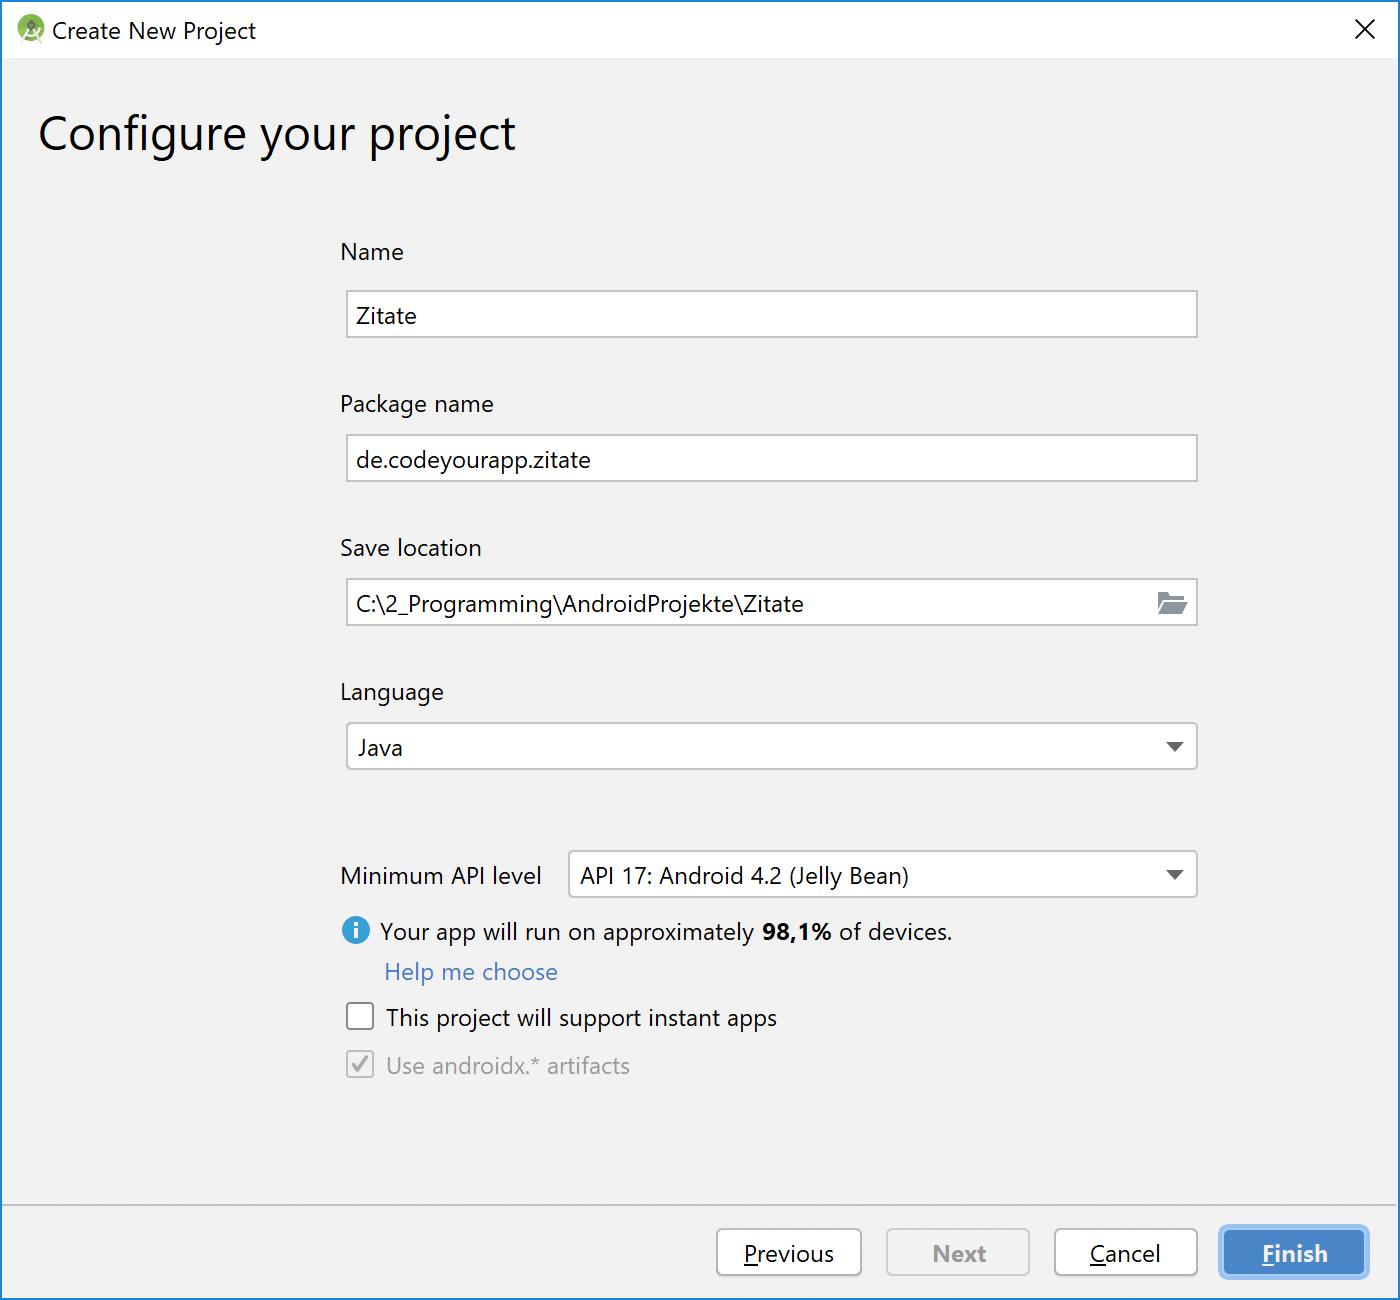 neues_projekt_konfigurieren_2